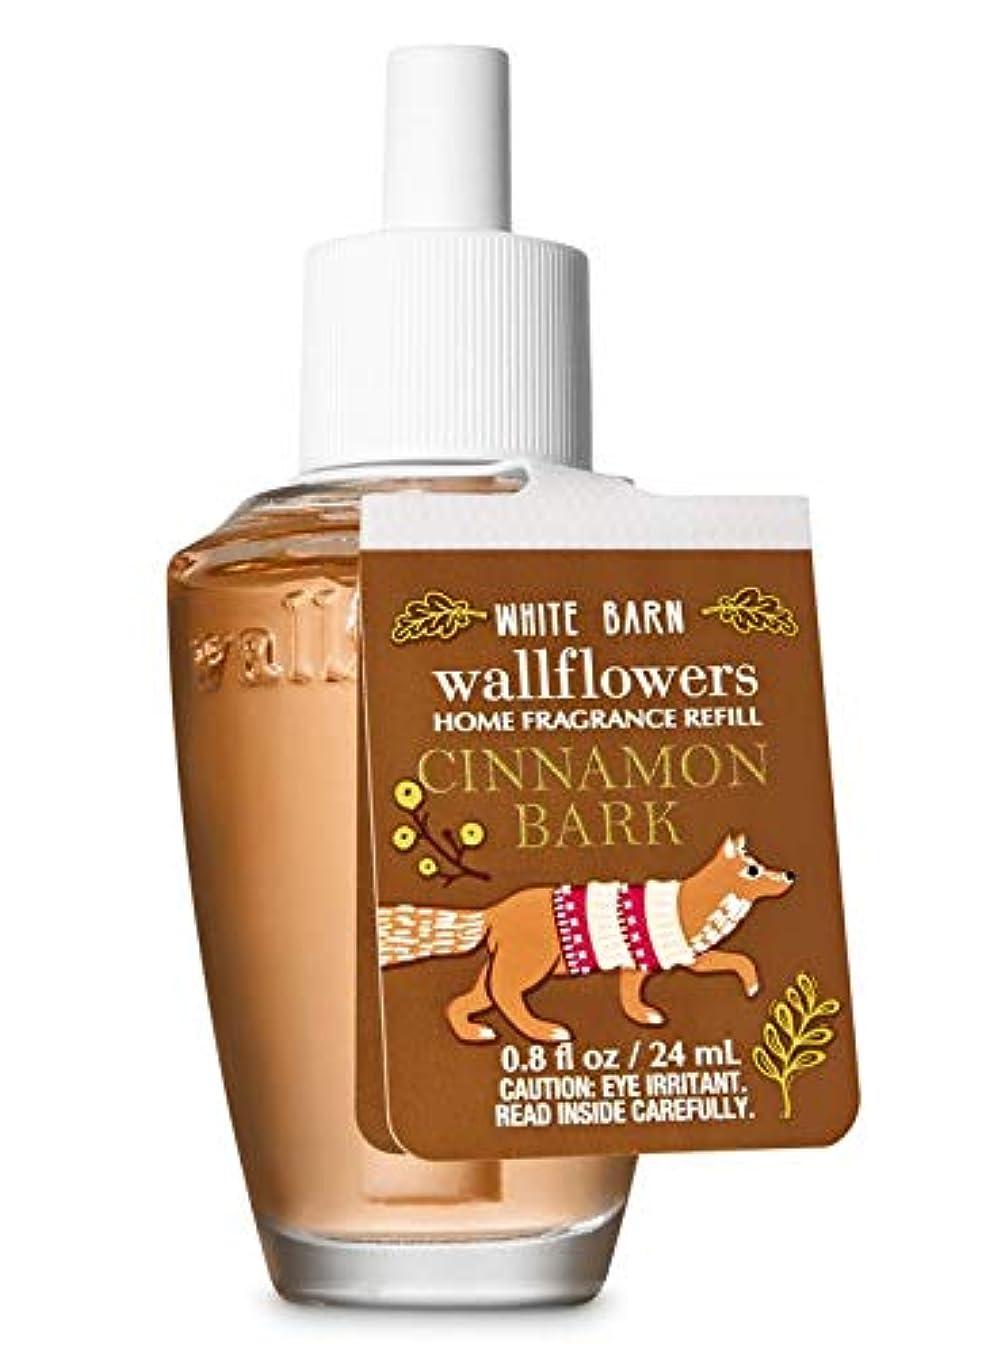 代わってイベントトライアスリート【Bath&Body Works/バス&ボディワークス】 ルームフレグランス 詰替えリフィル シナモンバーク Wallflowers Home Fragrance Refill Cinnamon Bark [並行輸入品]